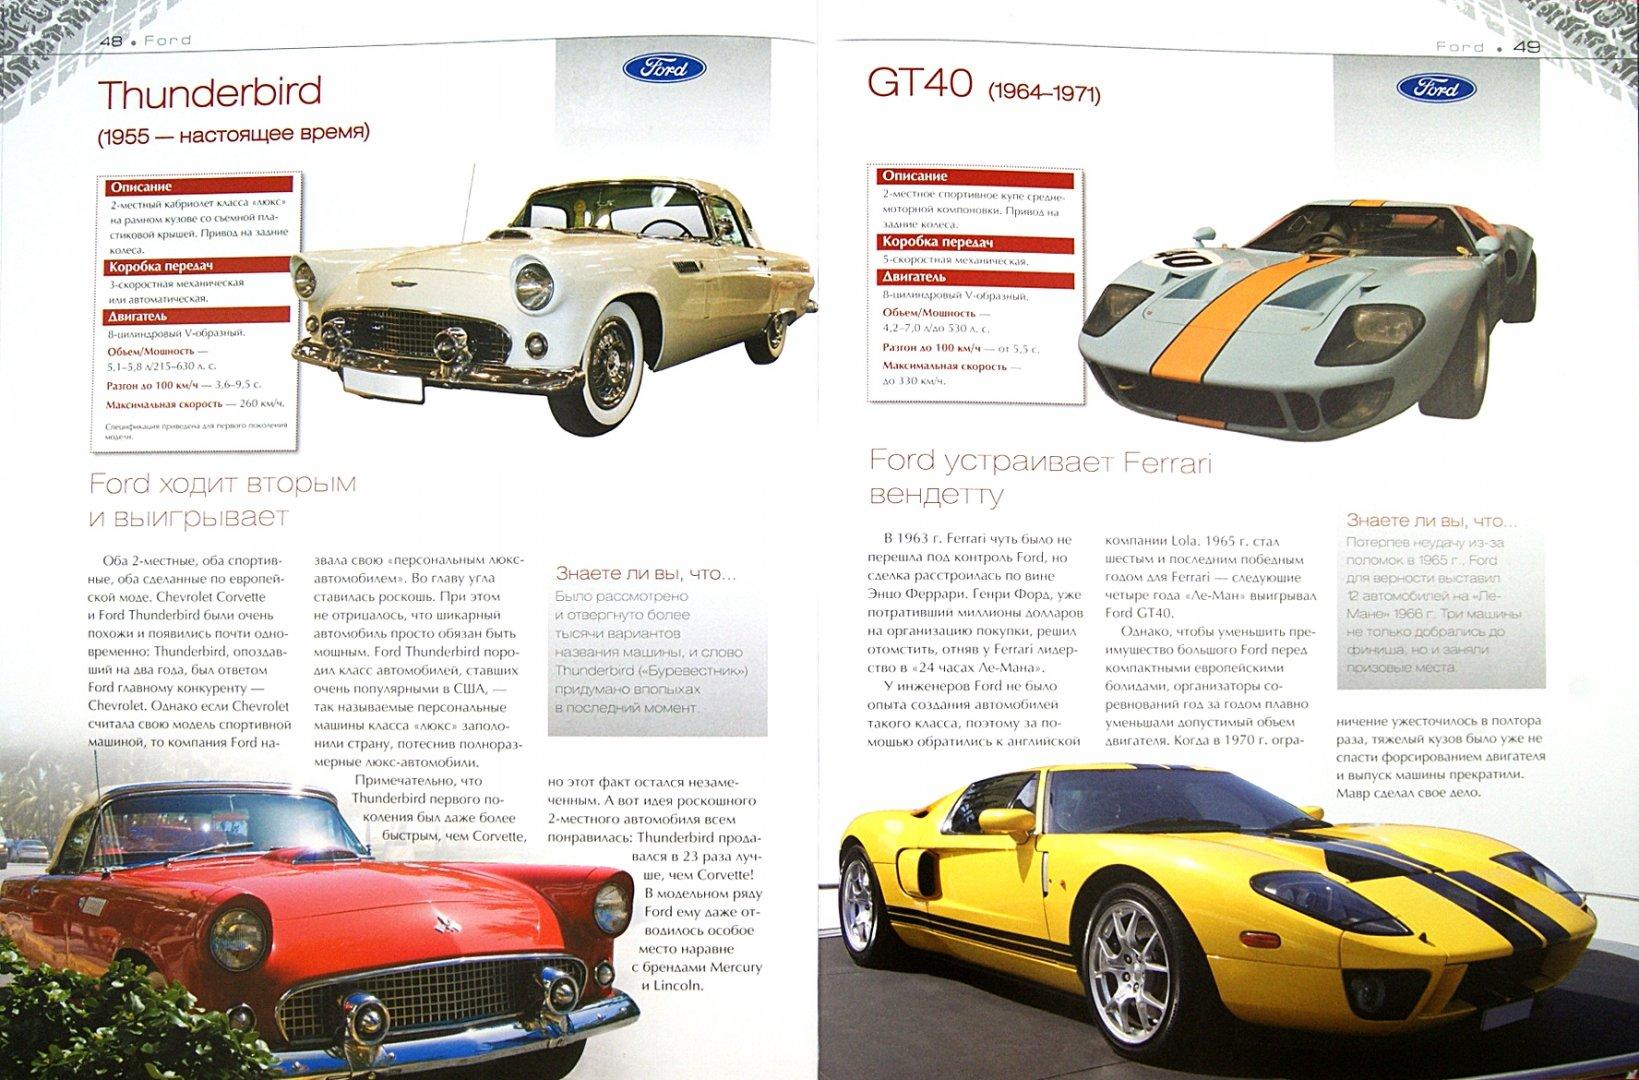 Иллюстрация 1 из 17 для 100 лучших автомобилей мира - Р. Назаров | Лабиринт - книги. Источник: Лабиринт